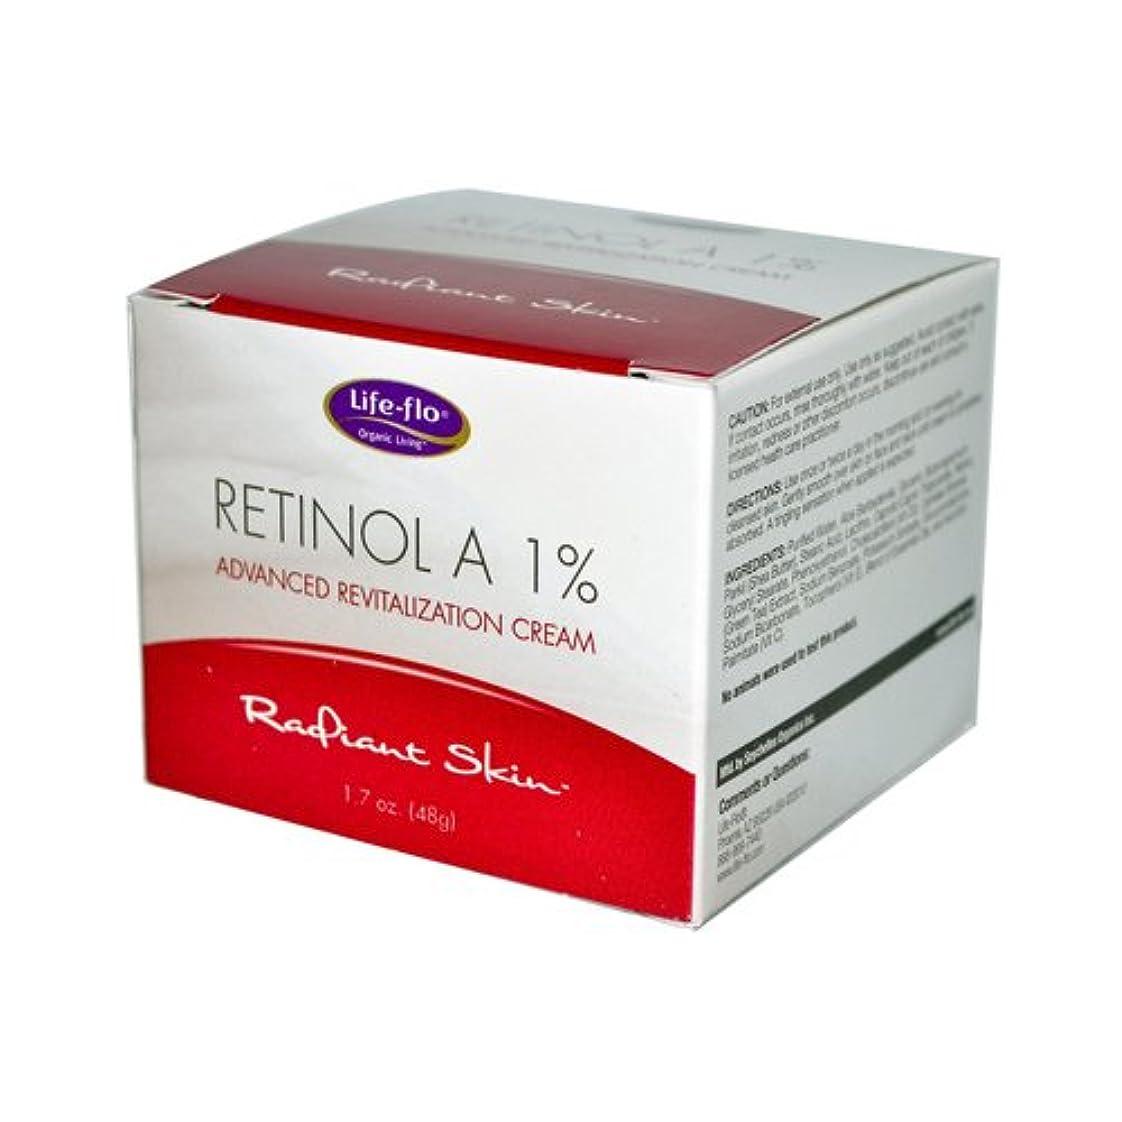 取り出すふくろう退化する海外直送品 Life-Flo Retinol A 1% Advanced Revitalization Cream, 1.7 oz